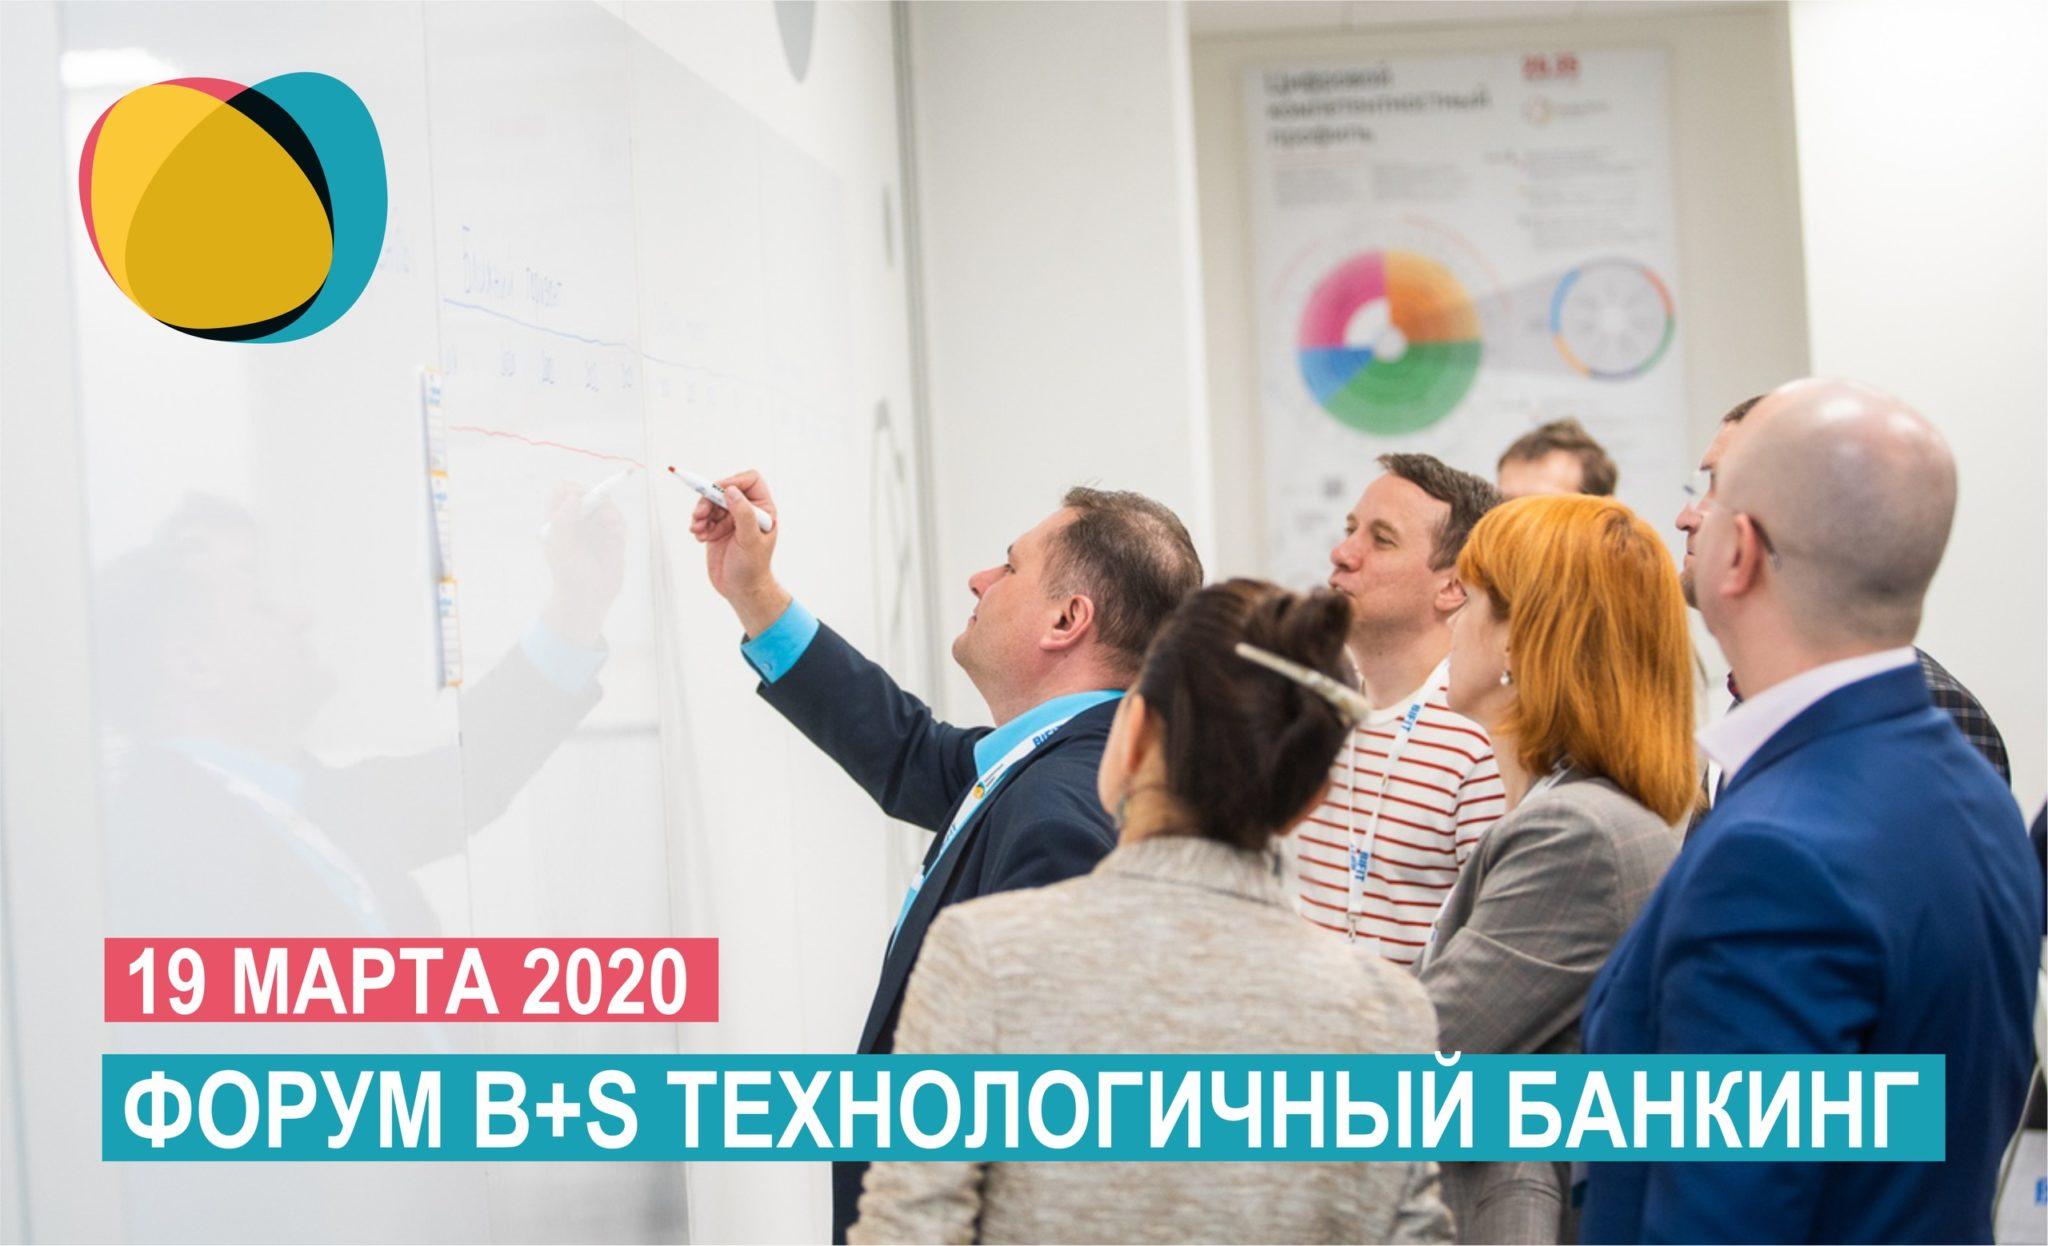 Ежегодный форум «B+S Технологичный банкинг» пройдёт в Екатеринбурге уже 19 марта